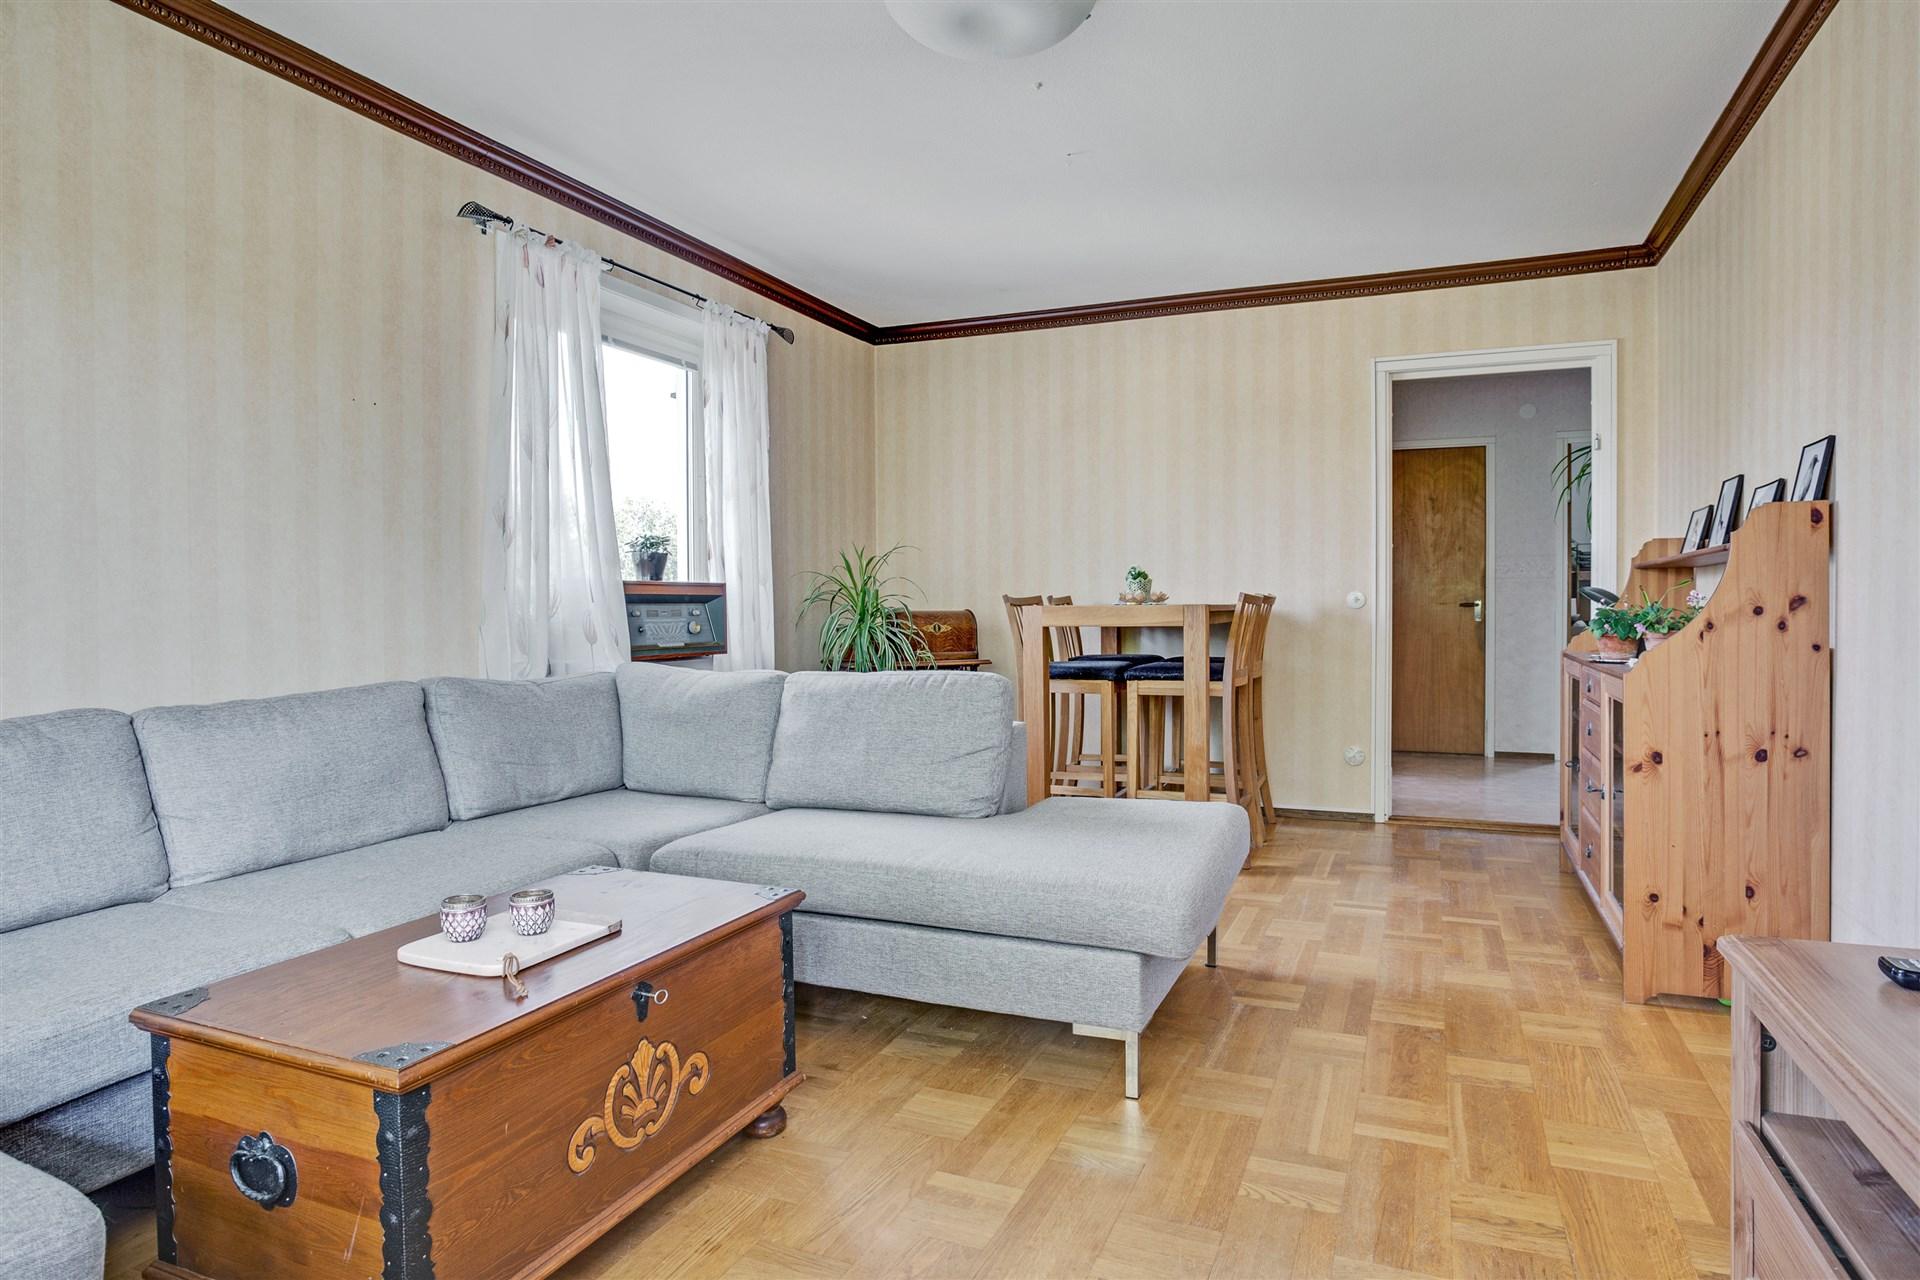 Vardagsrum med fint parkettgolv och fönster åt två håll.